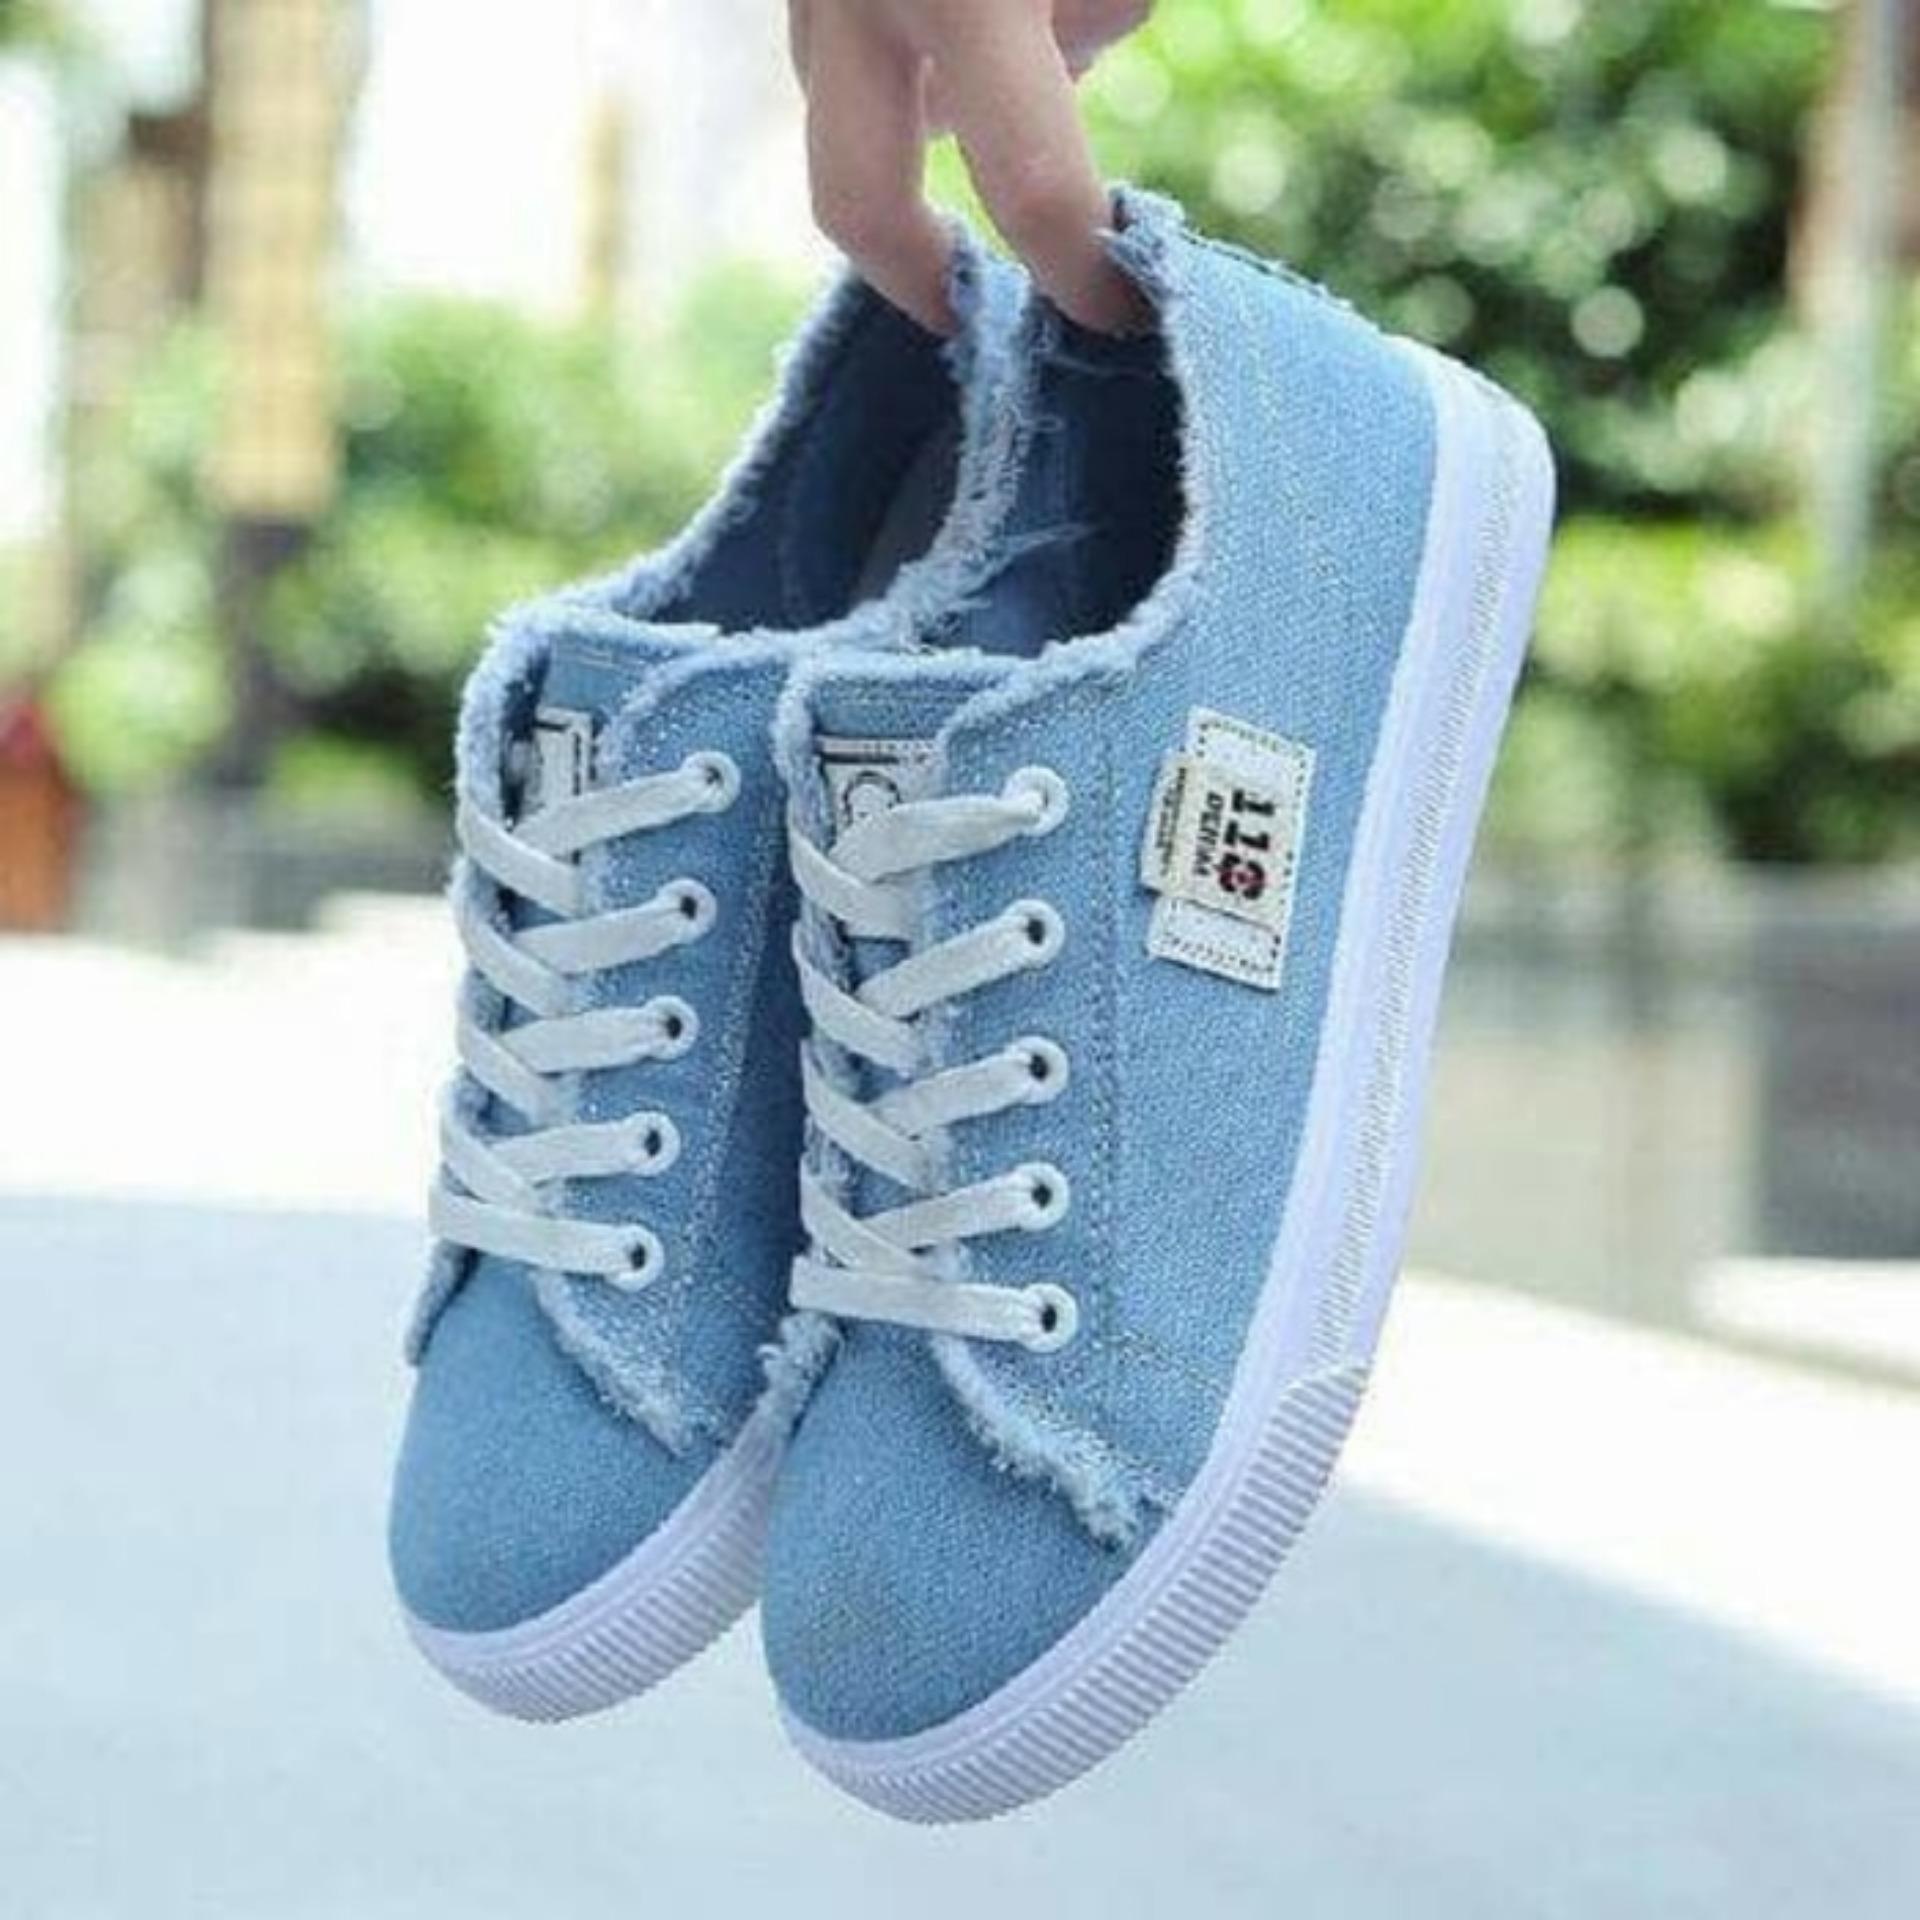 Dhala Sepatu Sneaker Jeans The Vans - Daftar Harga Terbaru dan ... 6b91c422ae